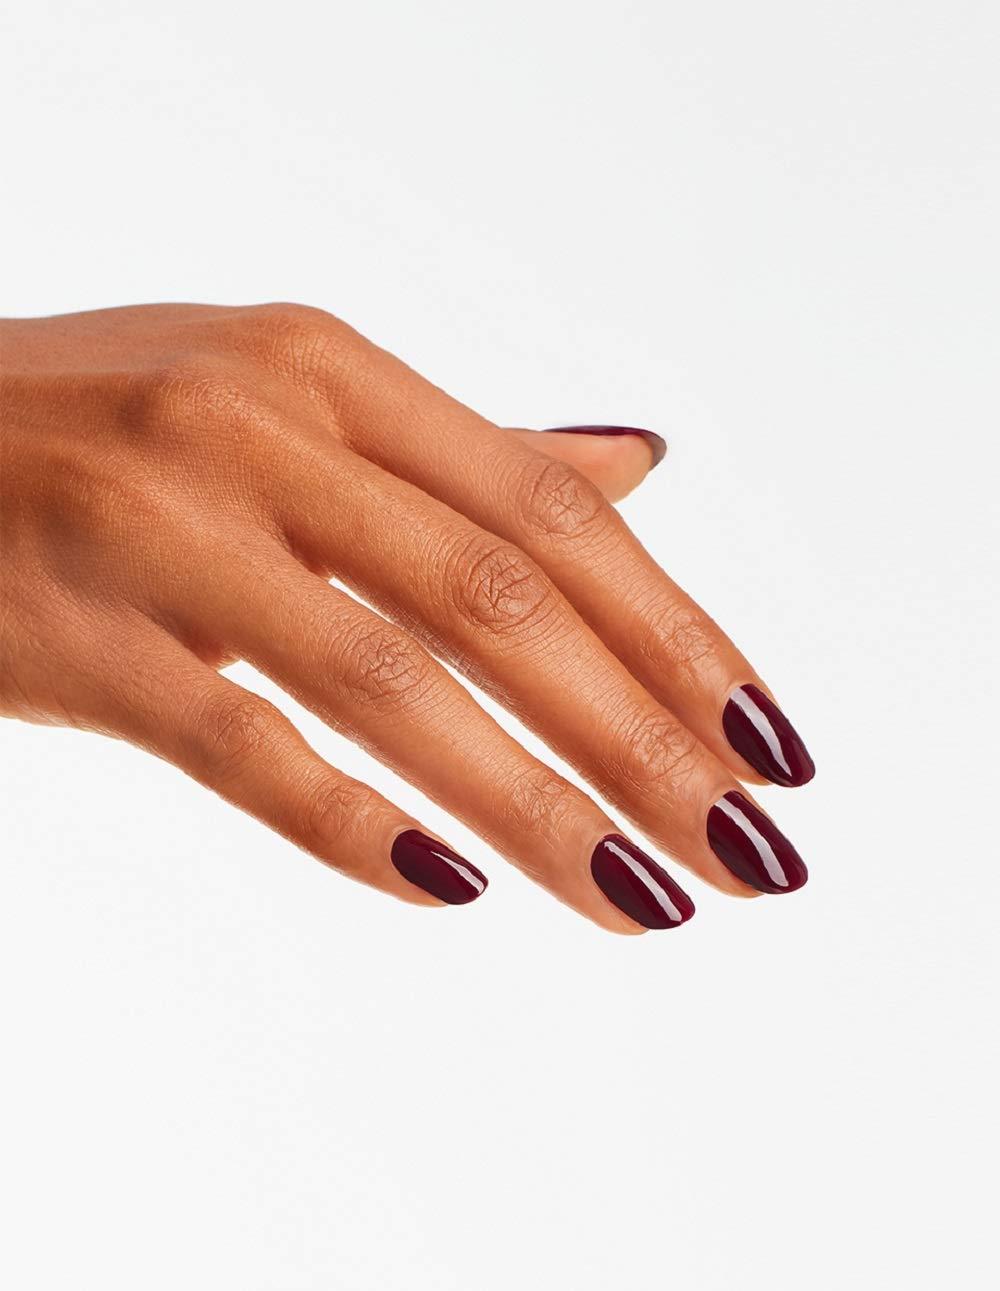 OPI Nail Lacquer – Esmalte Uñas Duración de Hasta 7 Días, Efecto Manicura Profesional – Tonos Azules, Verdes y Marrones